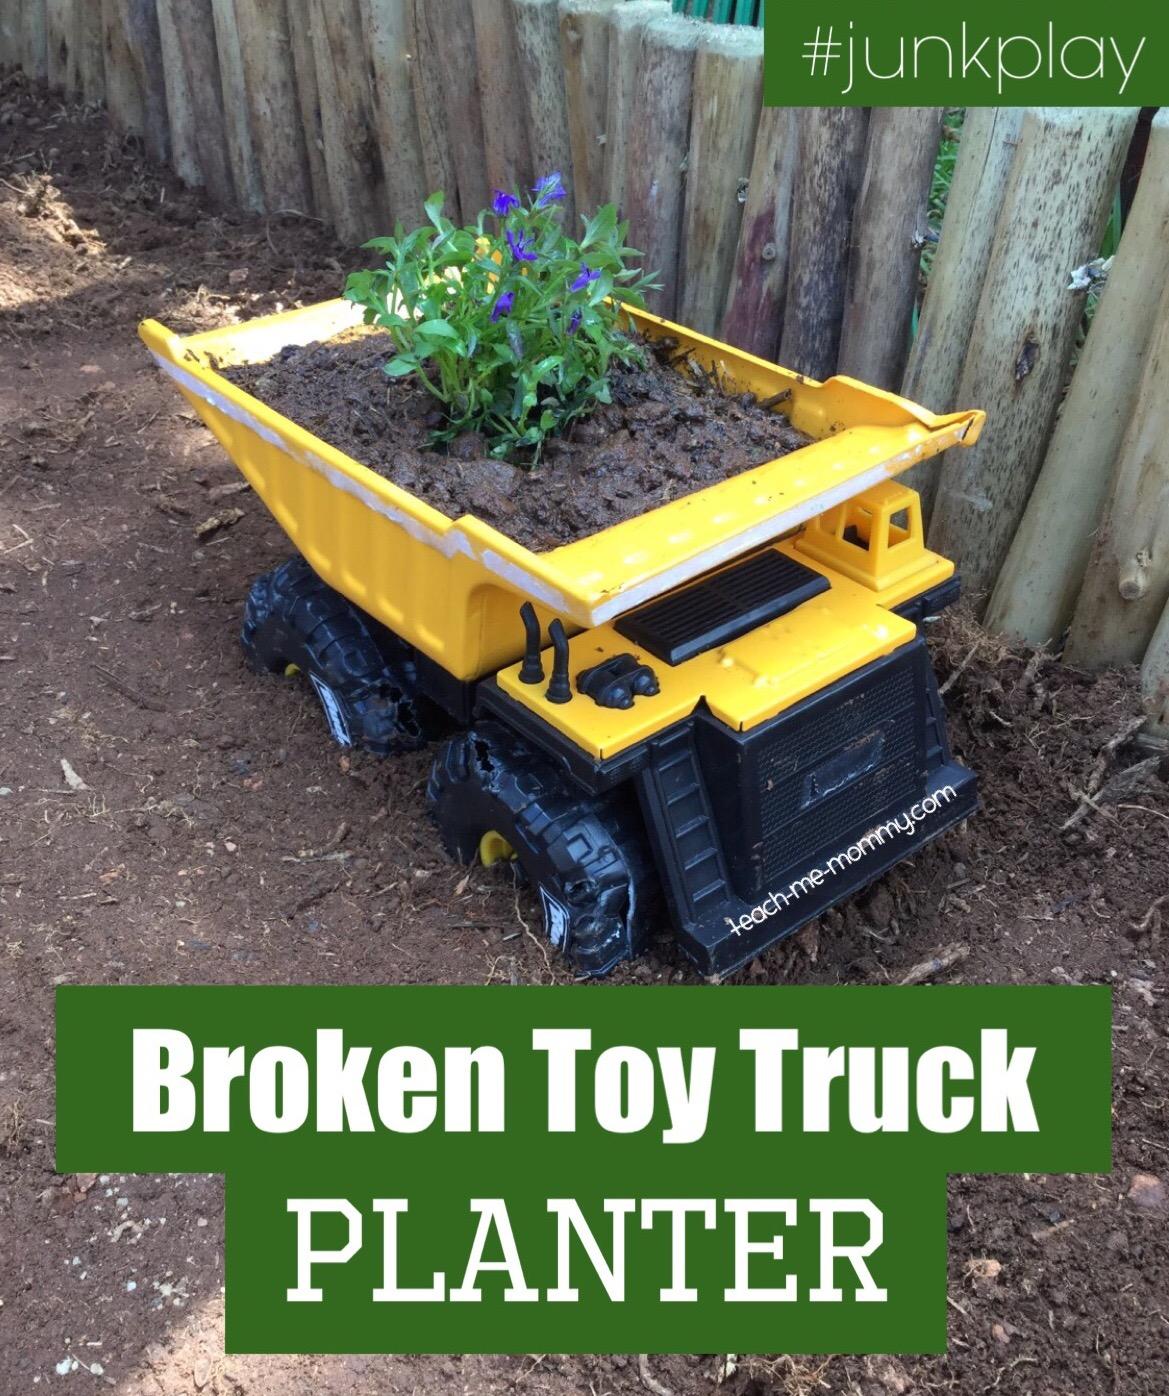 Broken Toy Truck